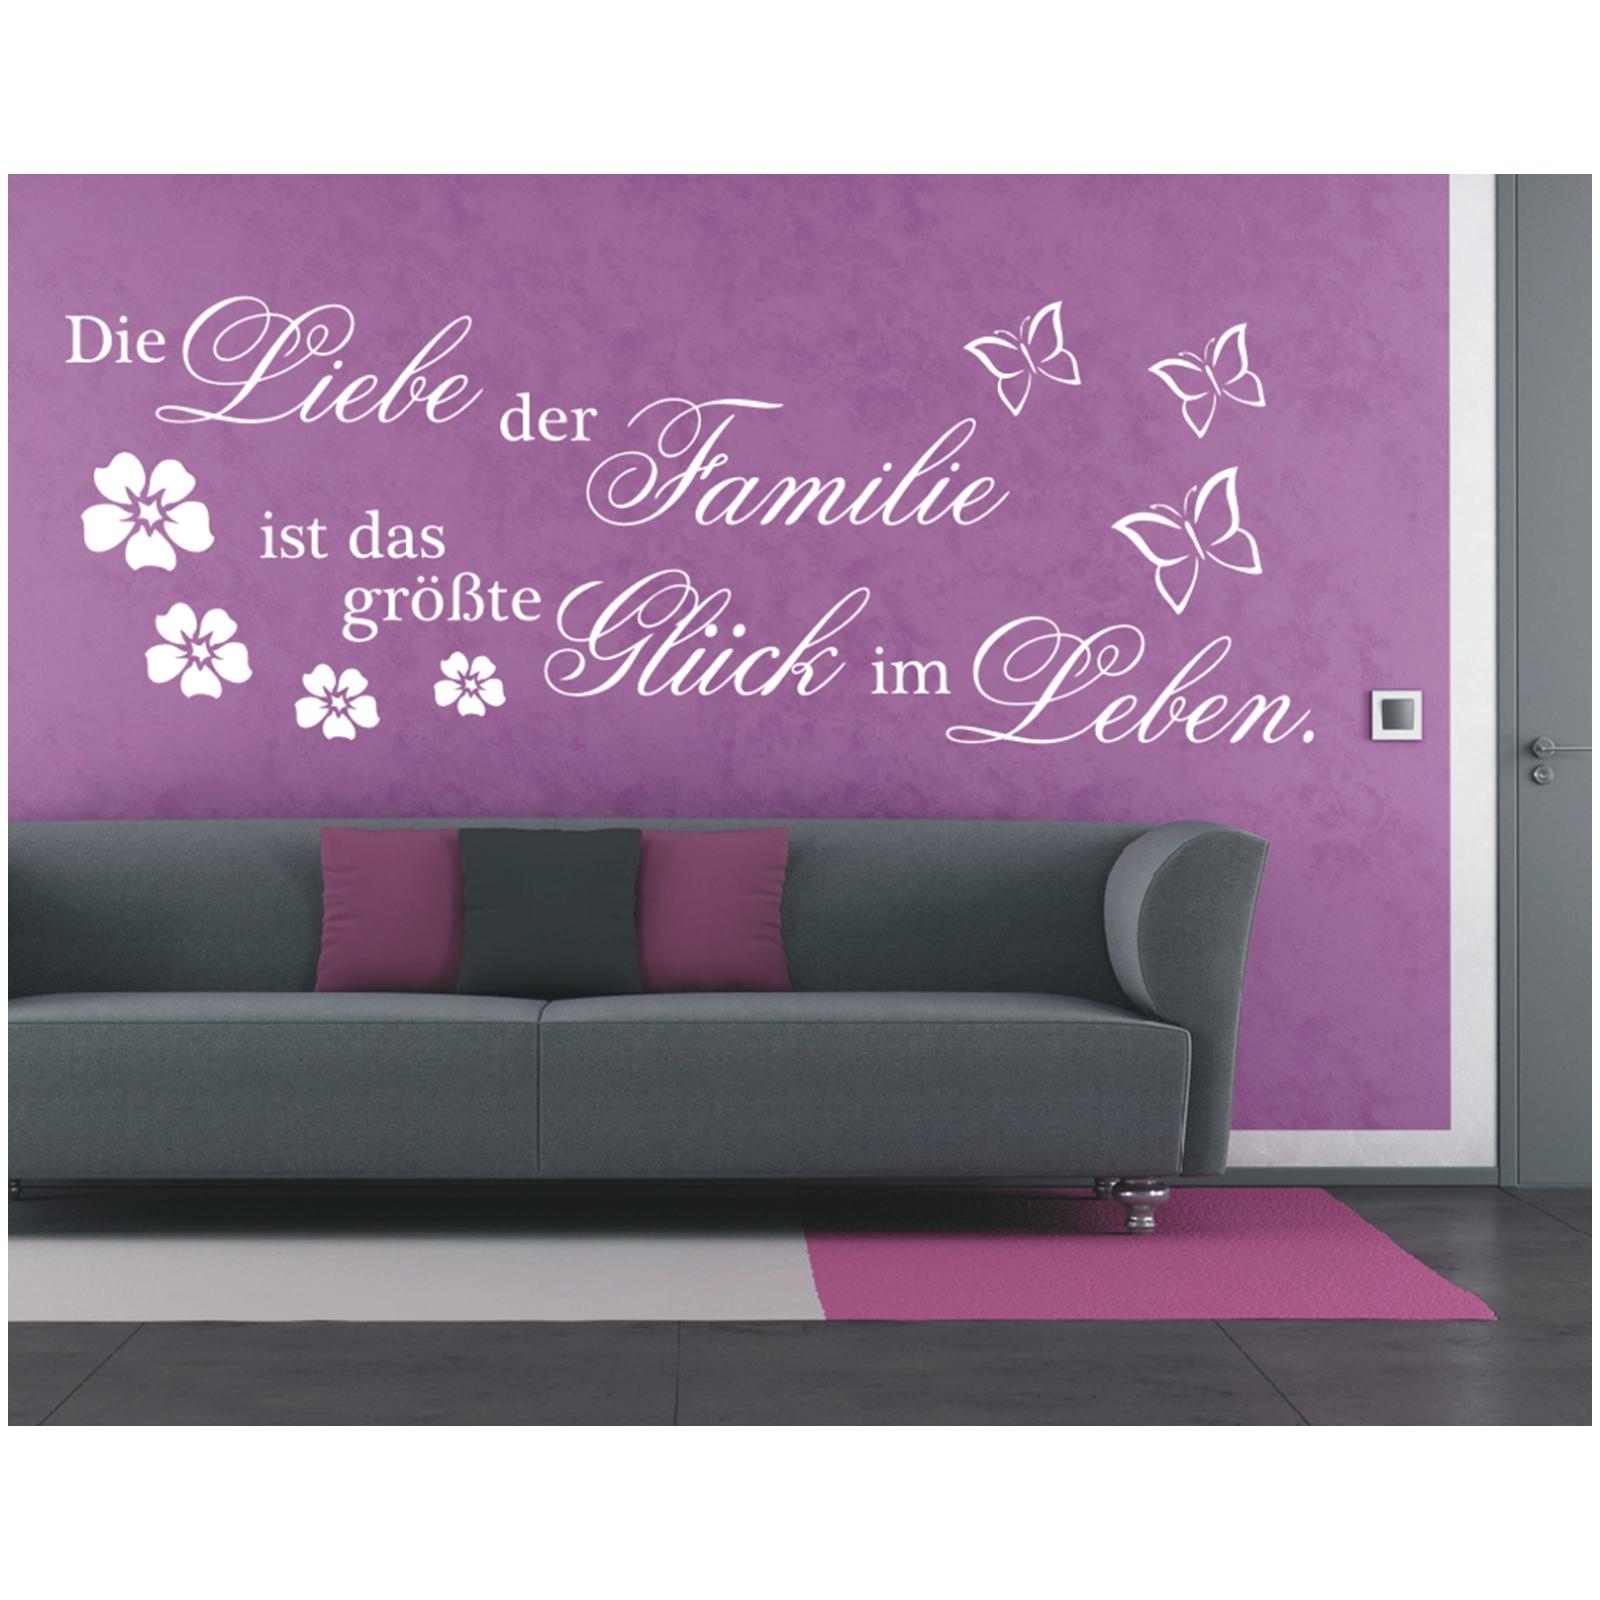 Wandtattoo Spruch Liebe Familie Gluck Leben Wandsticker Sticker